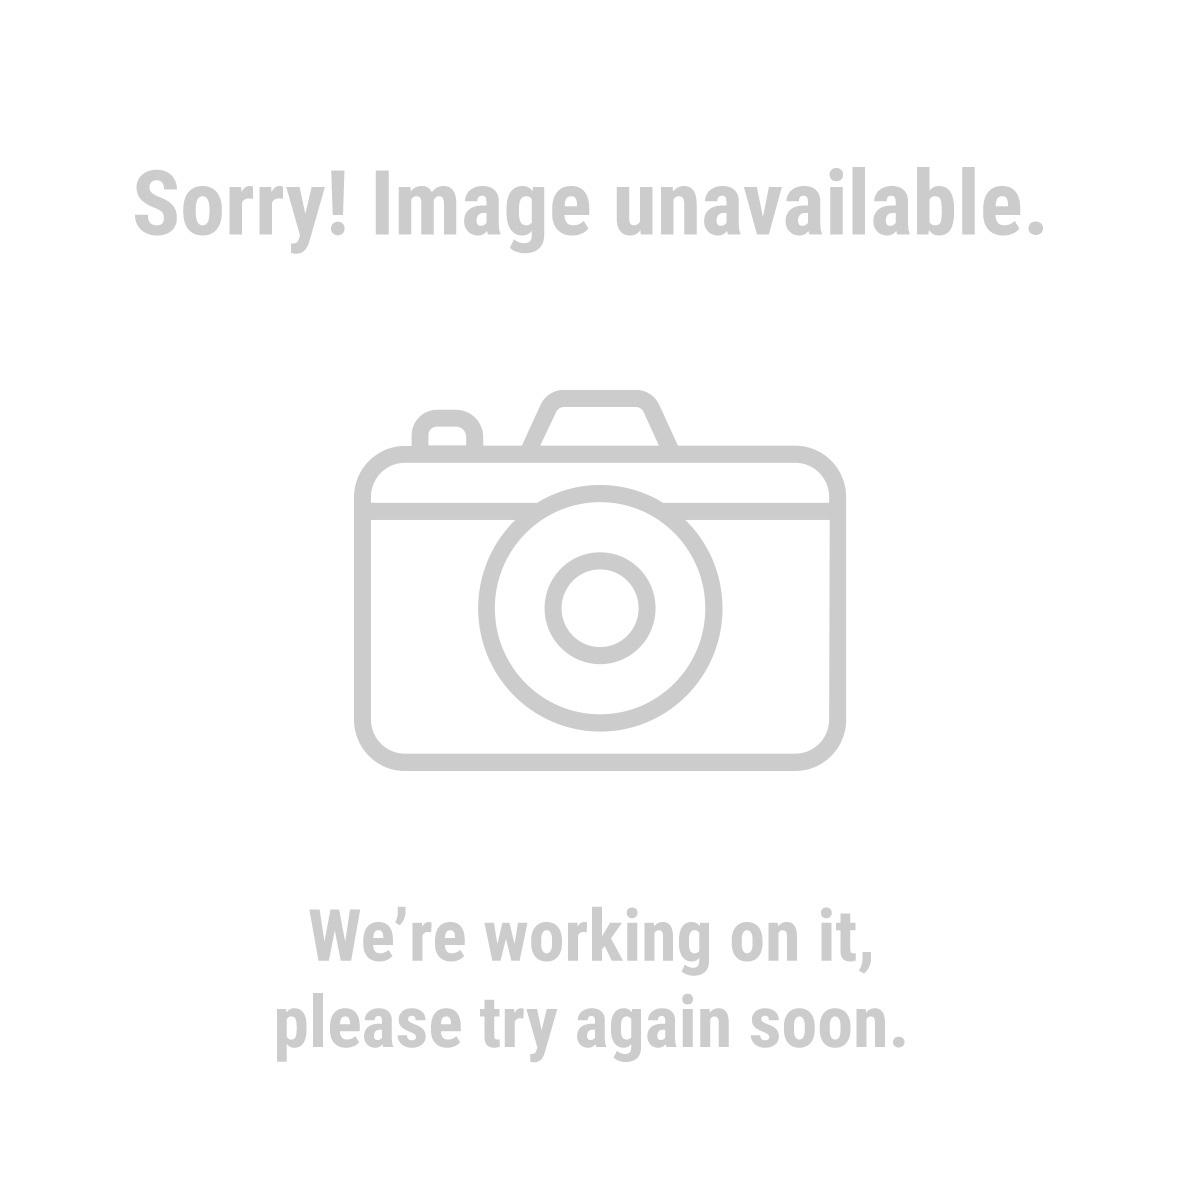 Aluminum Loading Ramp 1200 Lb Capacity